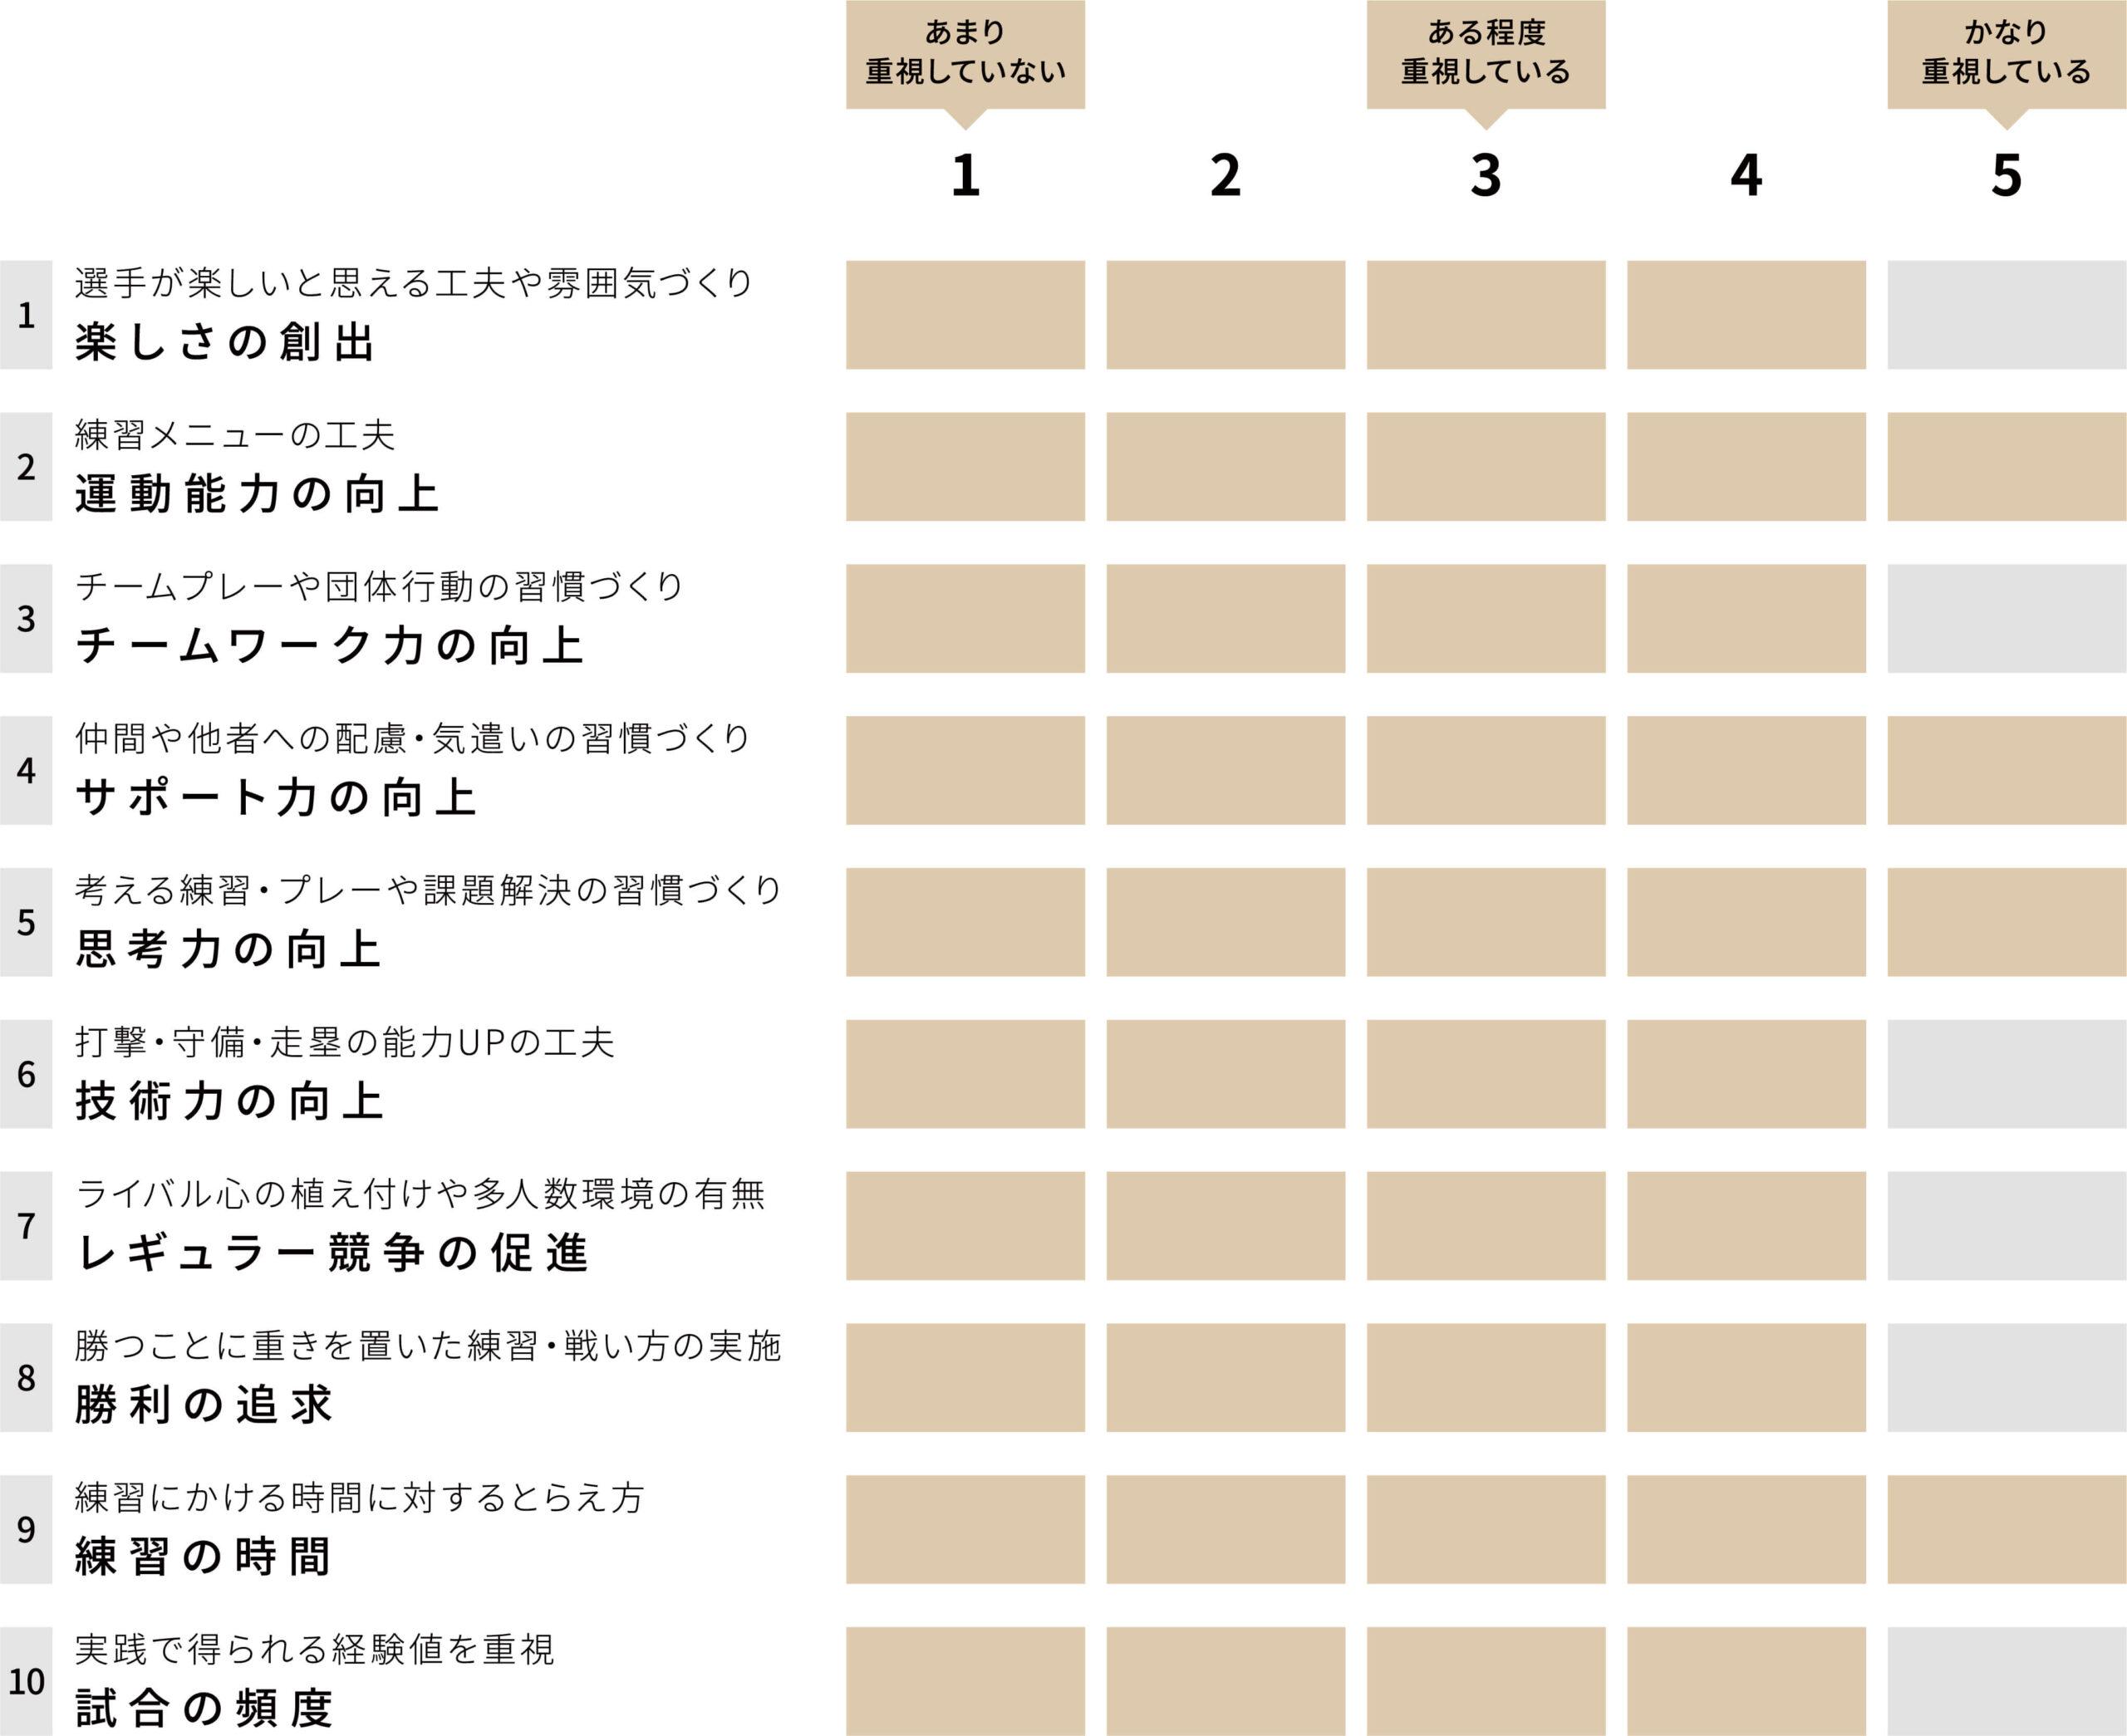 東京BBSC チーム重視グラフ